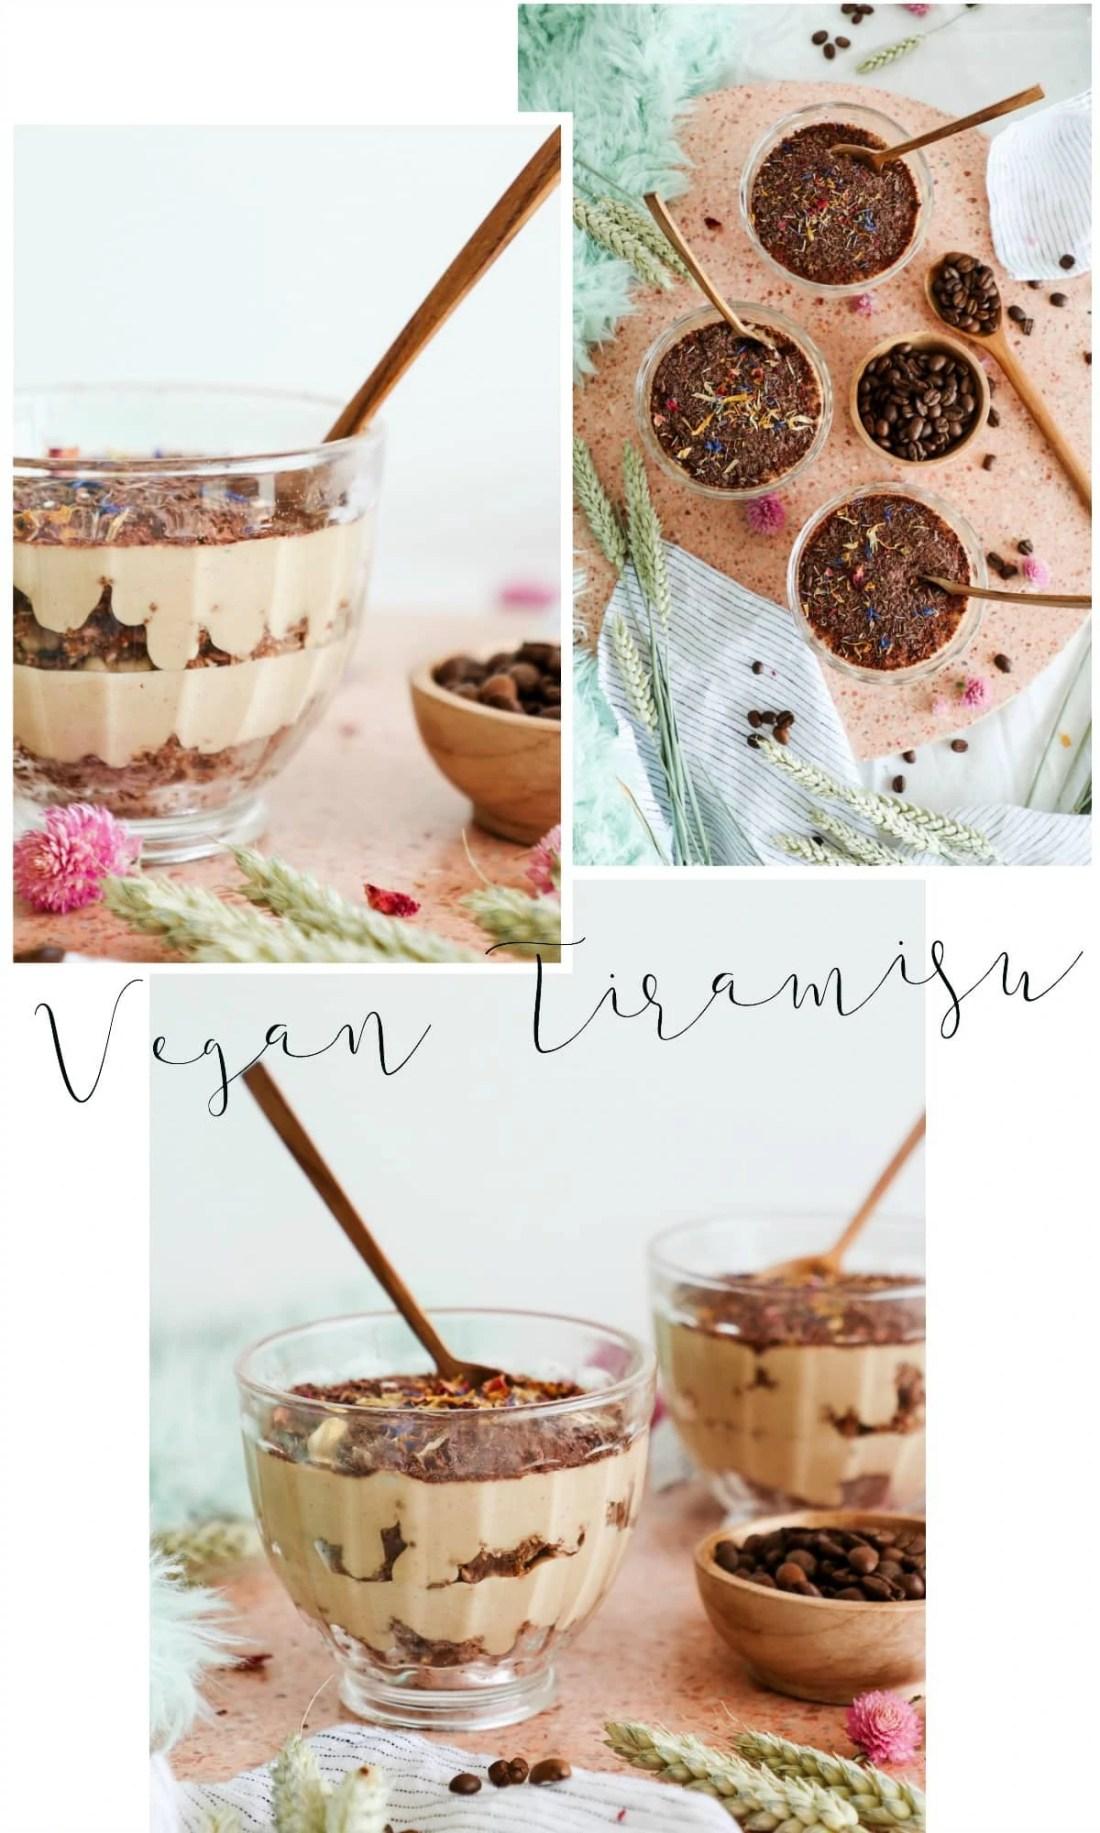 Sugar-free, Vegan Tiramisu